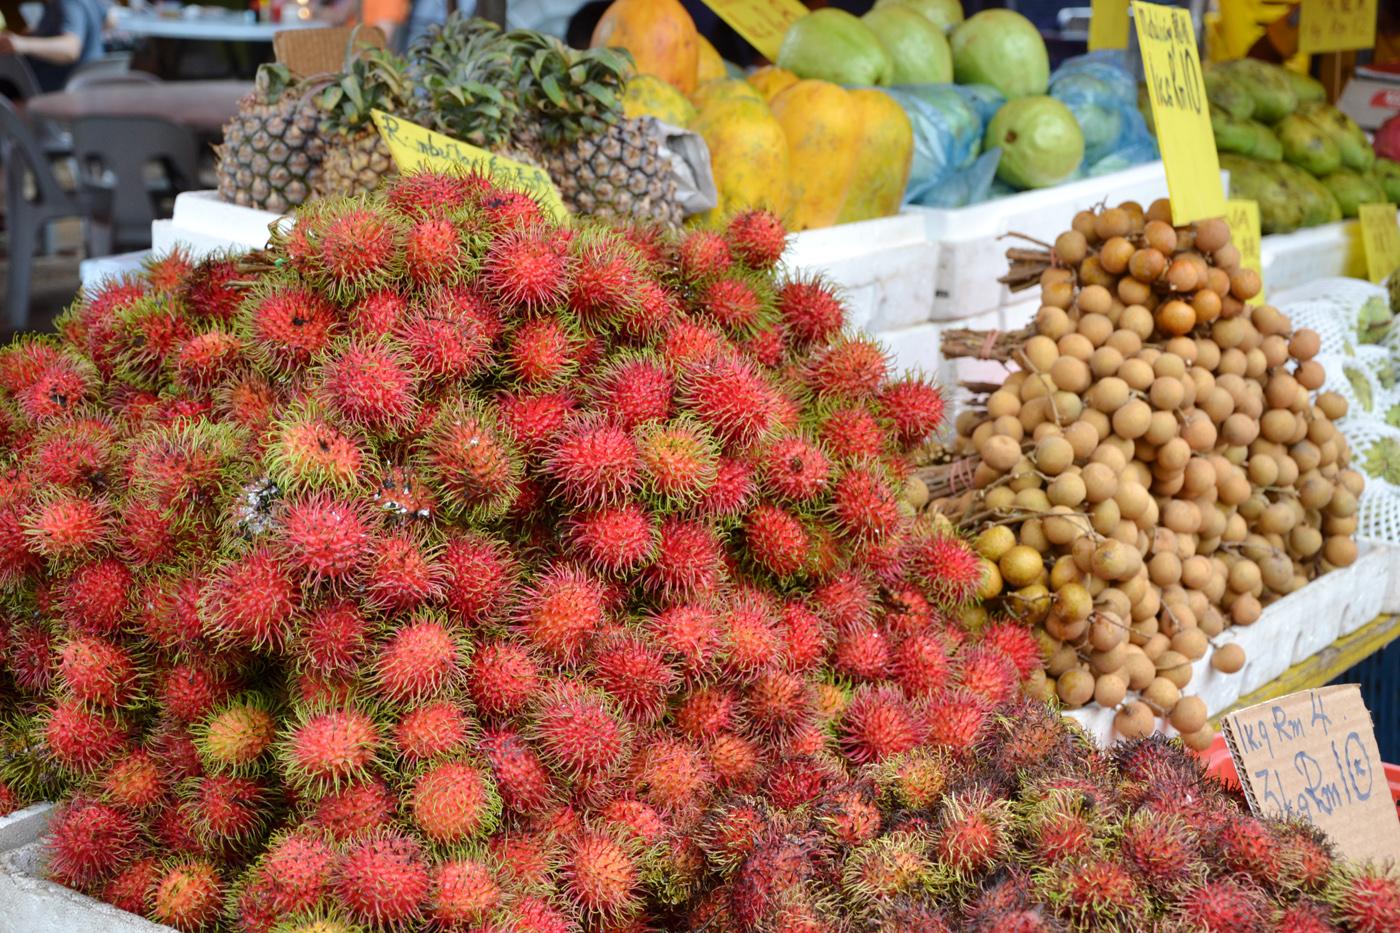 What-to-do-in-Kuala-Lumpur-gucki-market-fruits-2